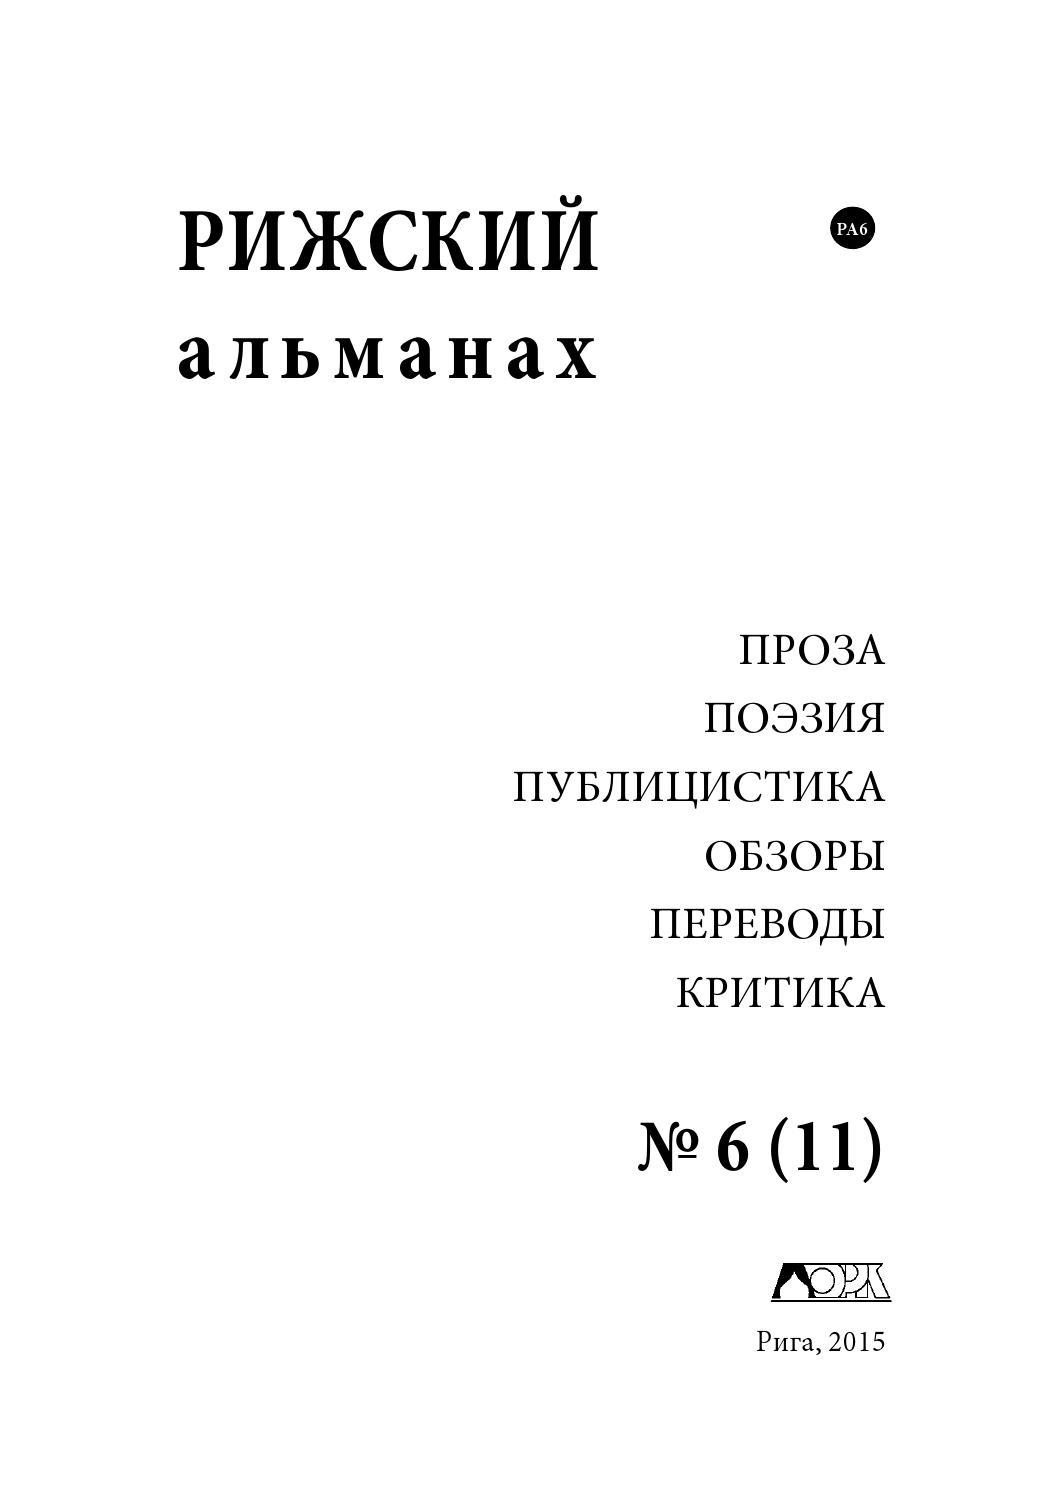 Цветы многолетние в россии